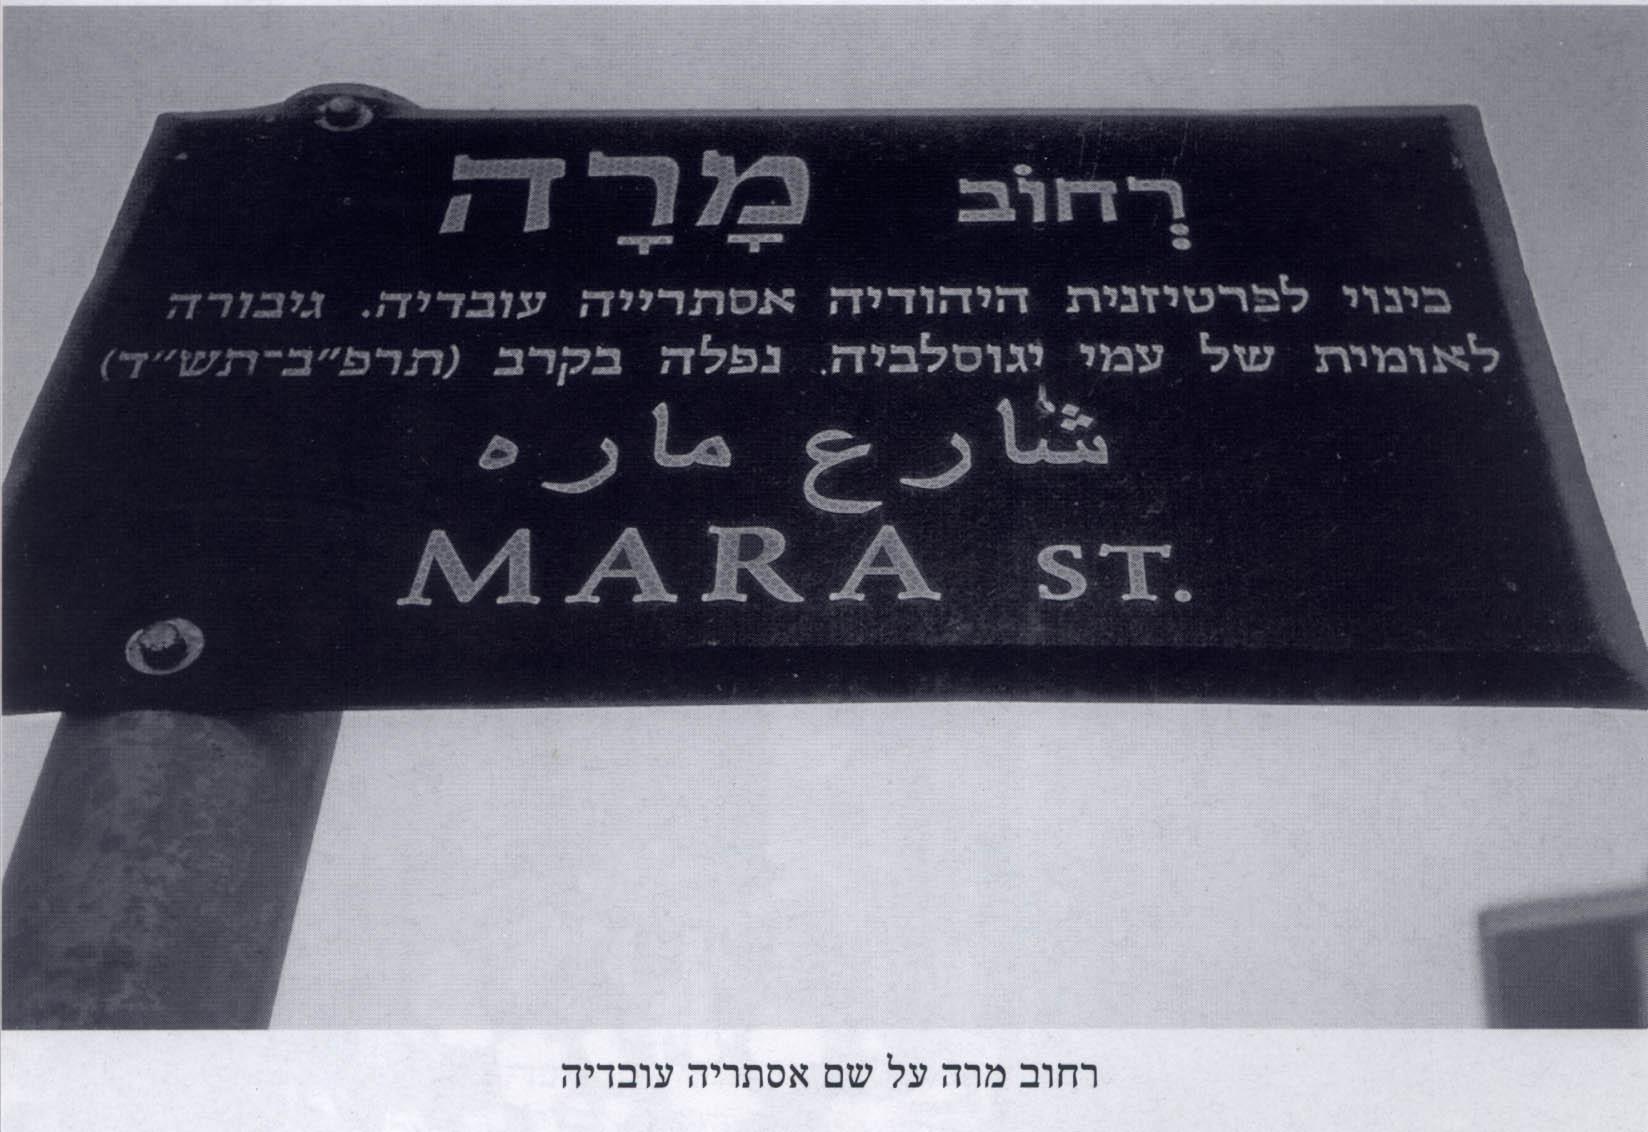 רחוב מרה